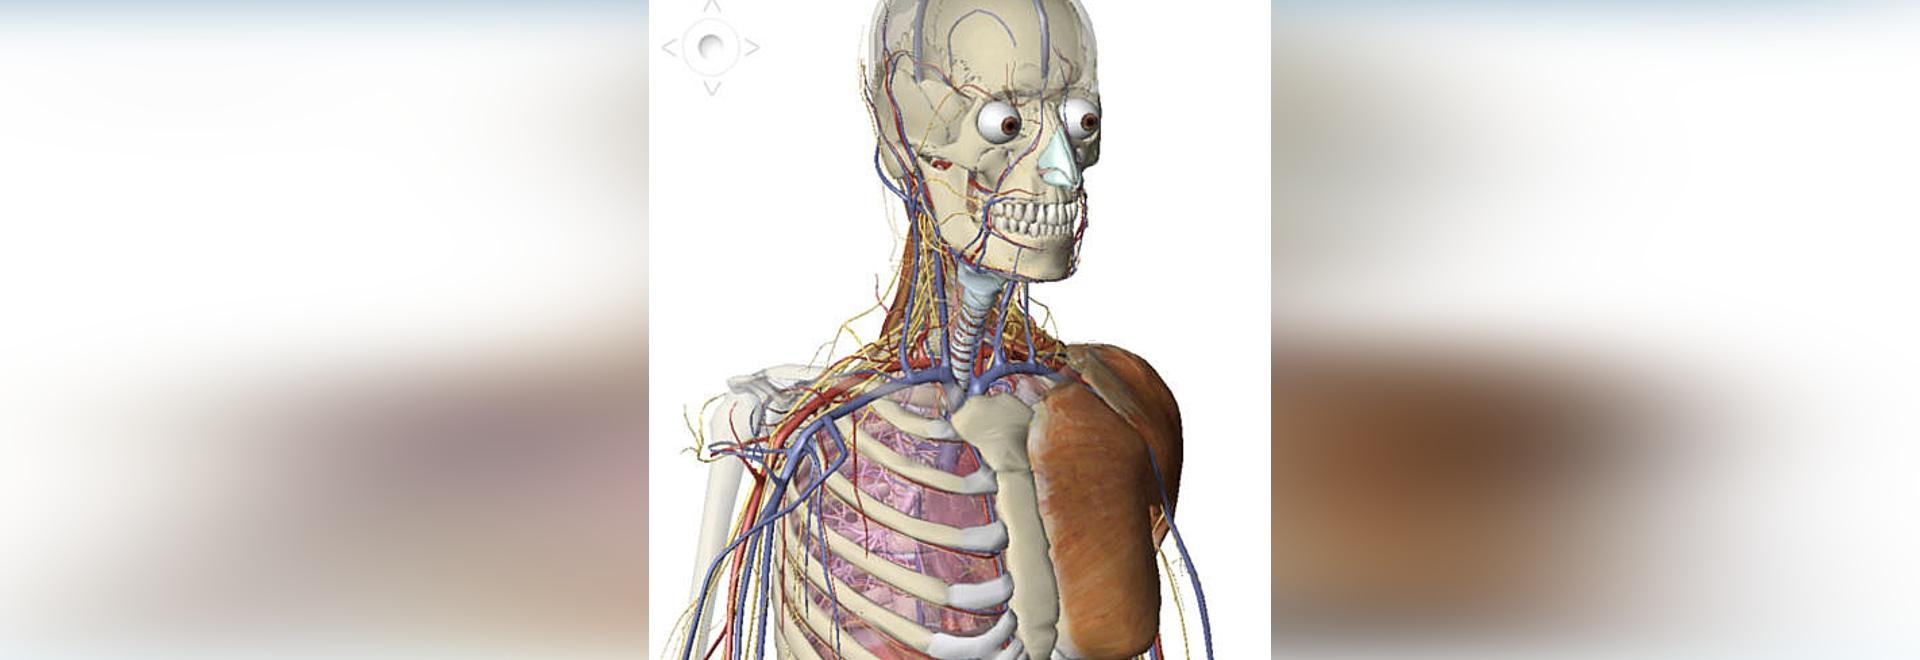 Neu: Menschlicher Anatomie-Atlas des sichtbaren Körpers durch ...